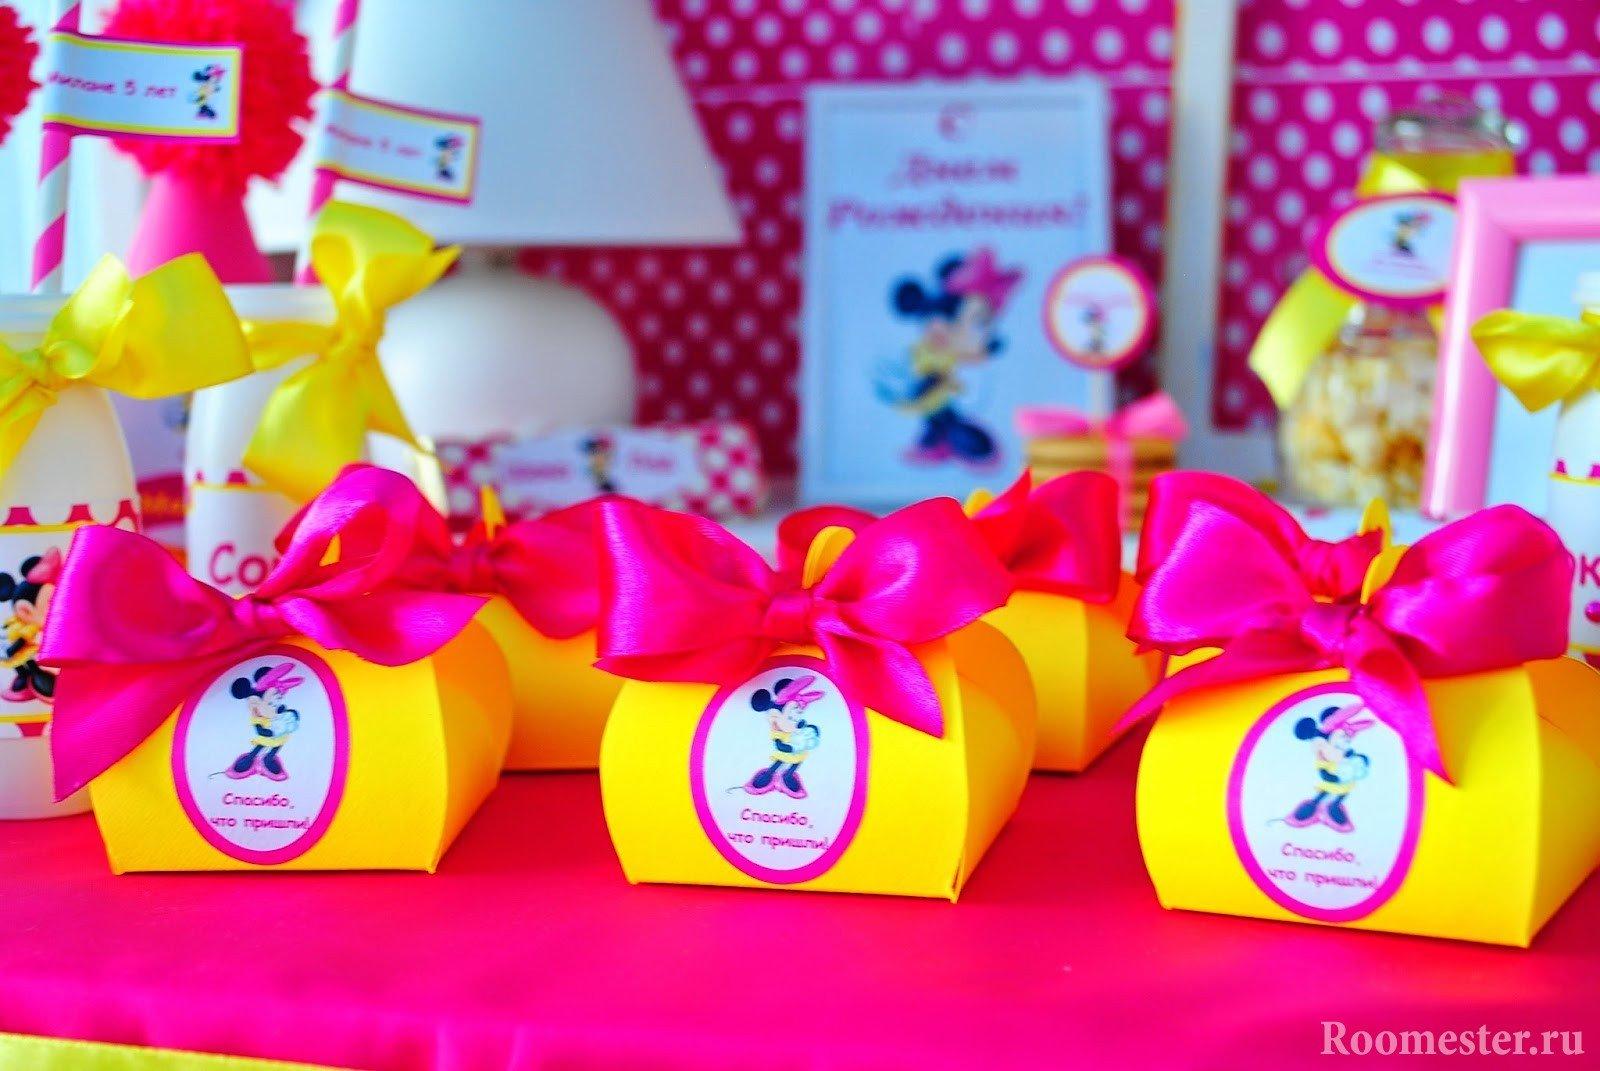 Украсим детский день рождения своими руками фото 35